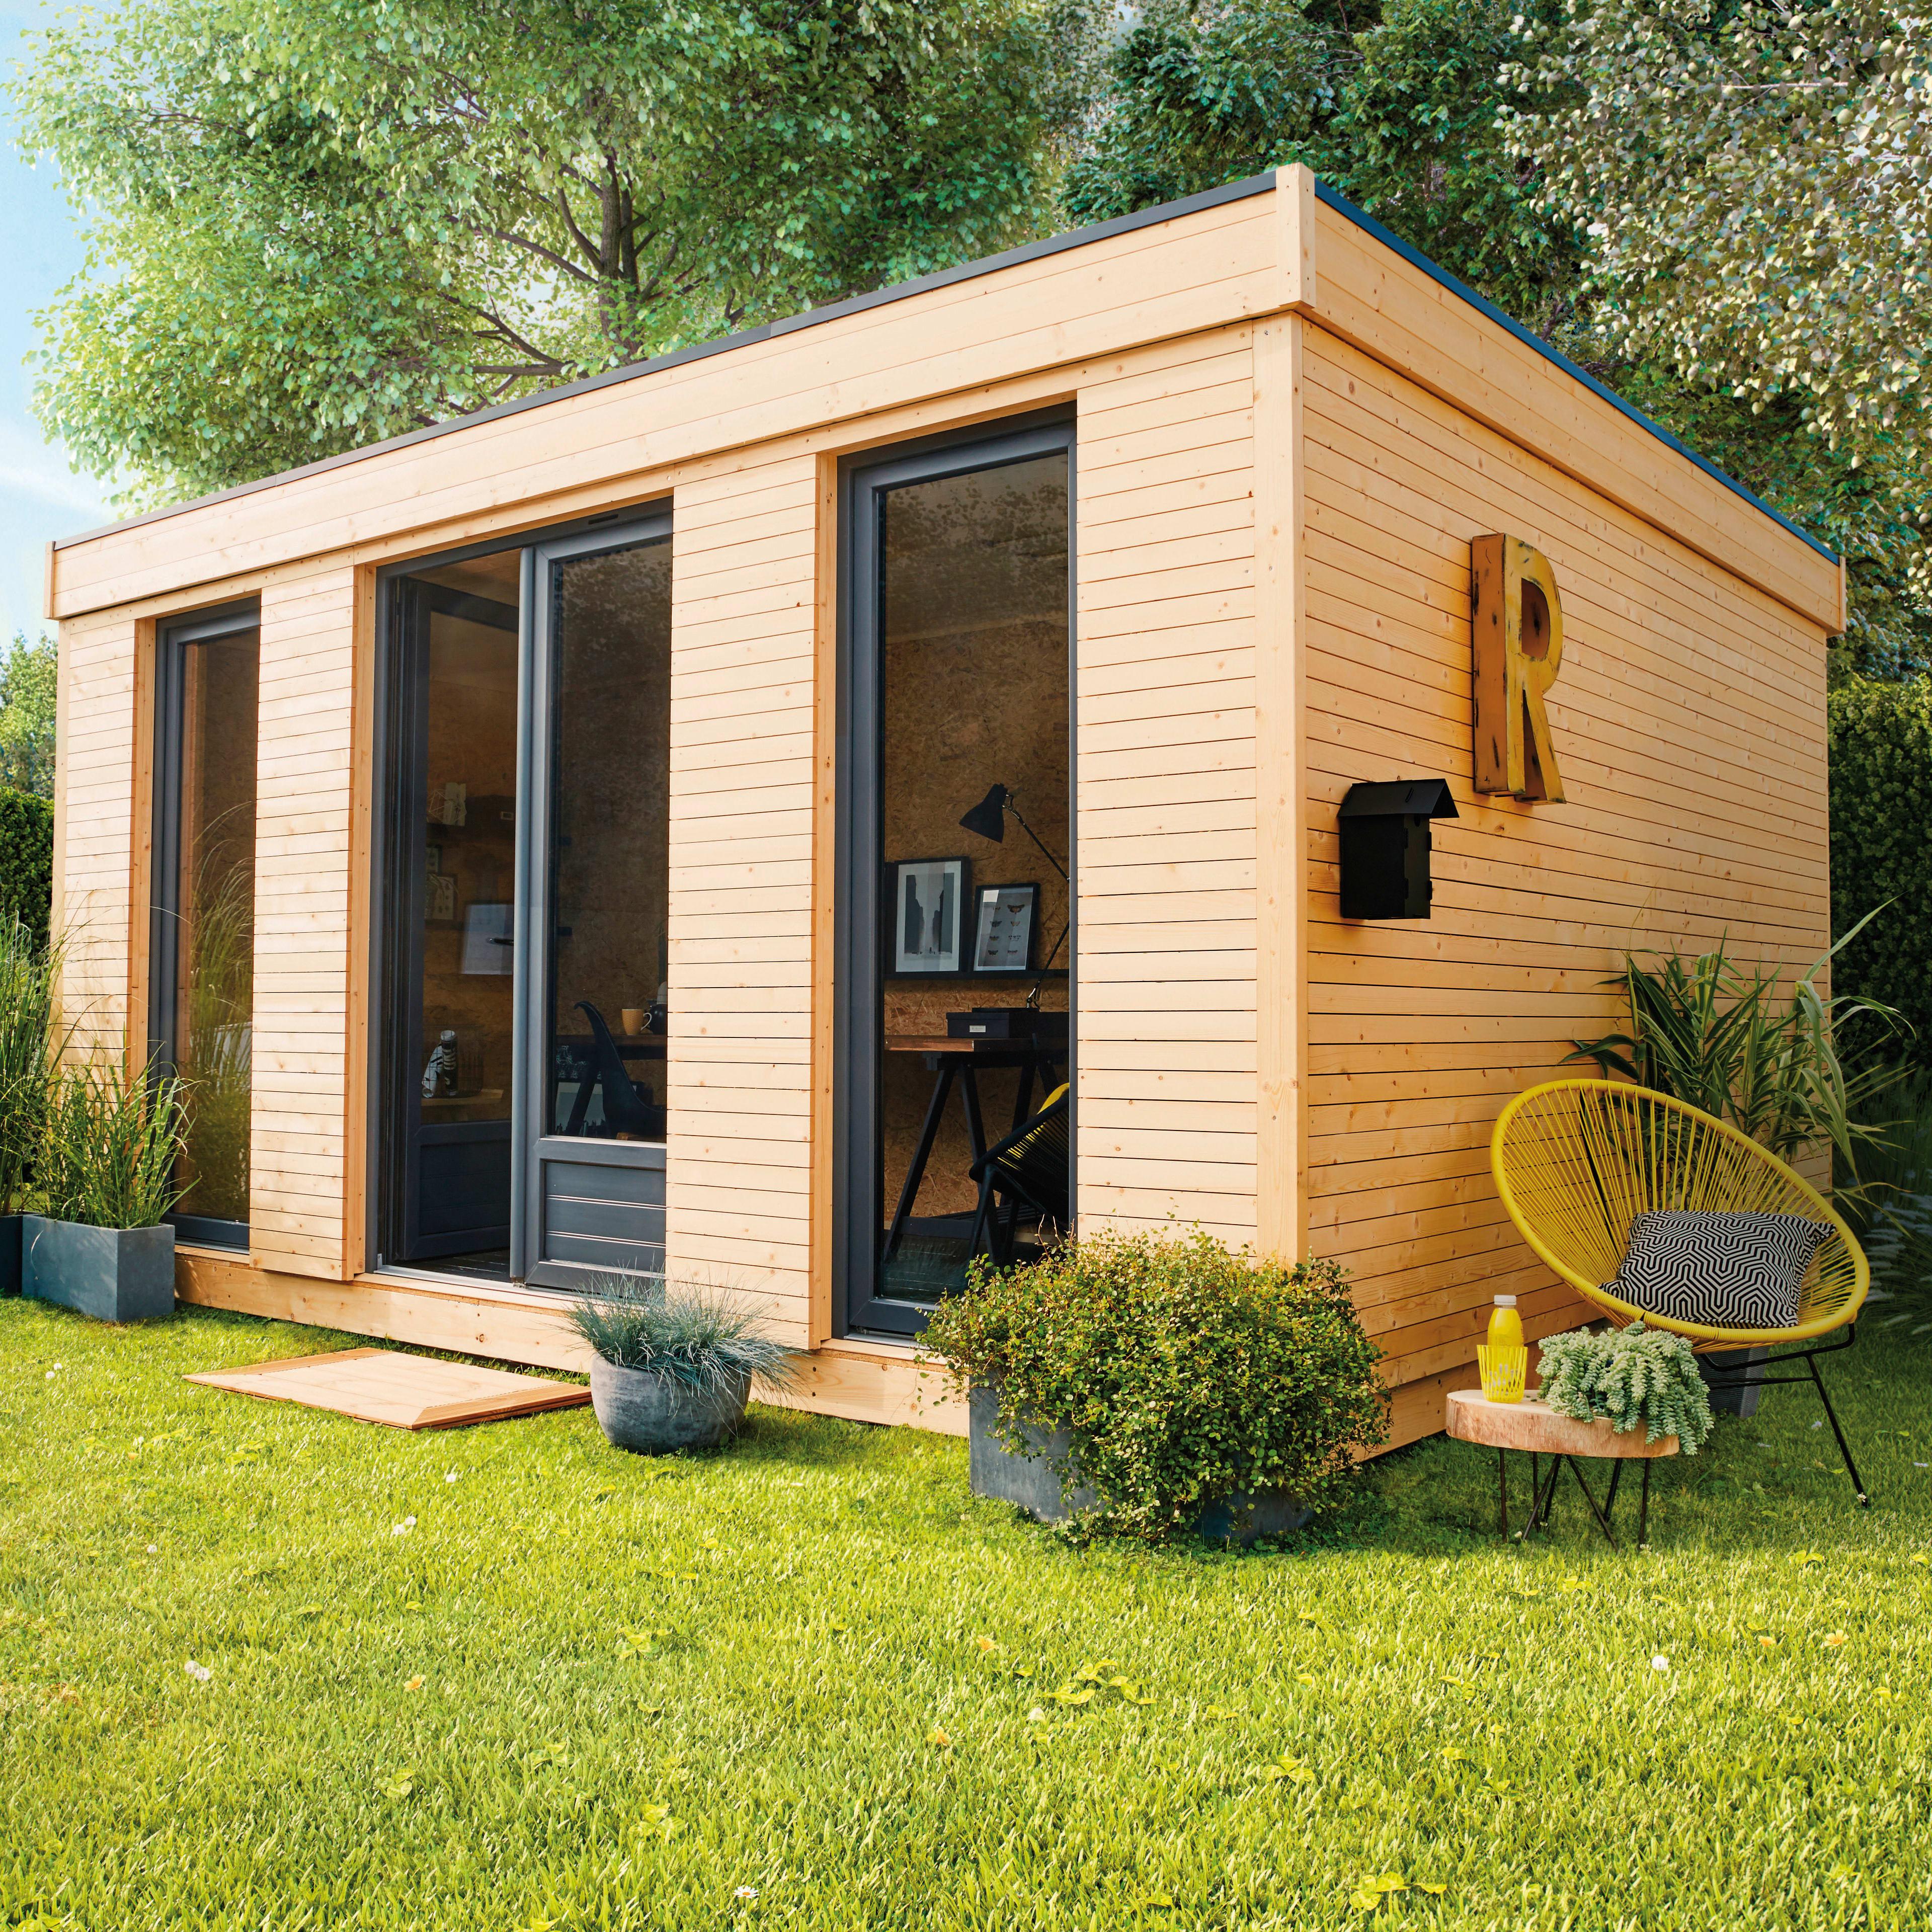 Casette In Legno Terrazzo Permessi casetta da giardino in legno decor home 21, superficie interna 21.34 m² e  spessore parete 19 mm